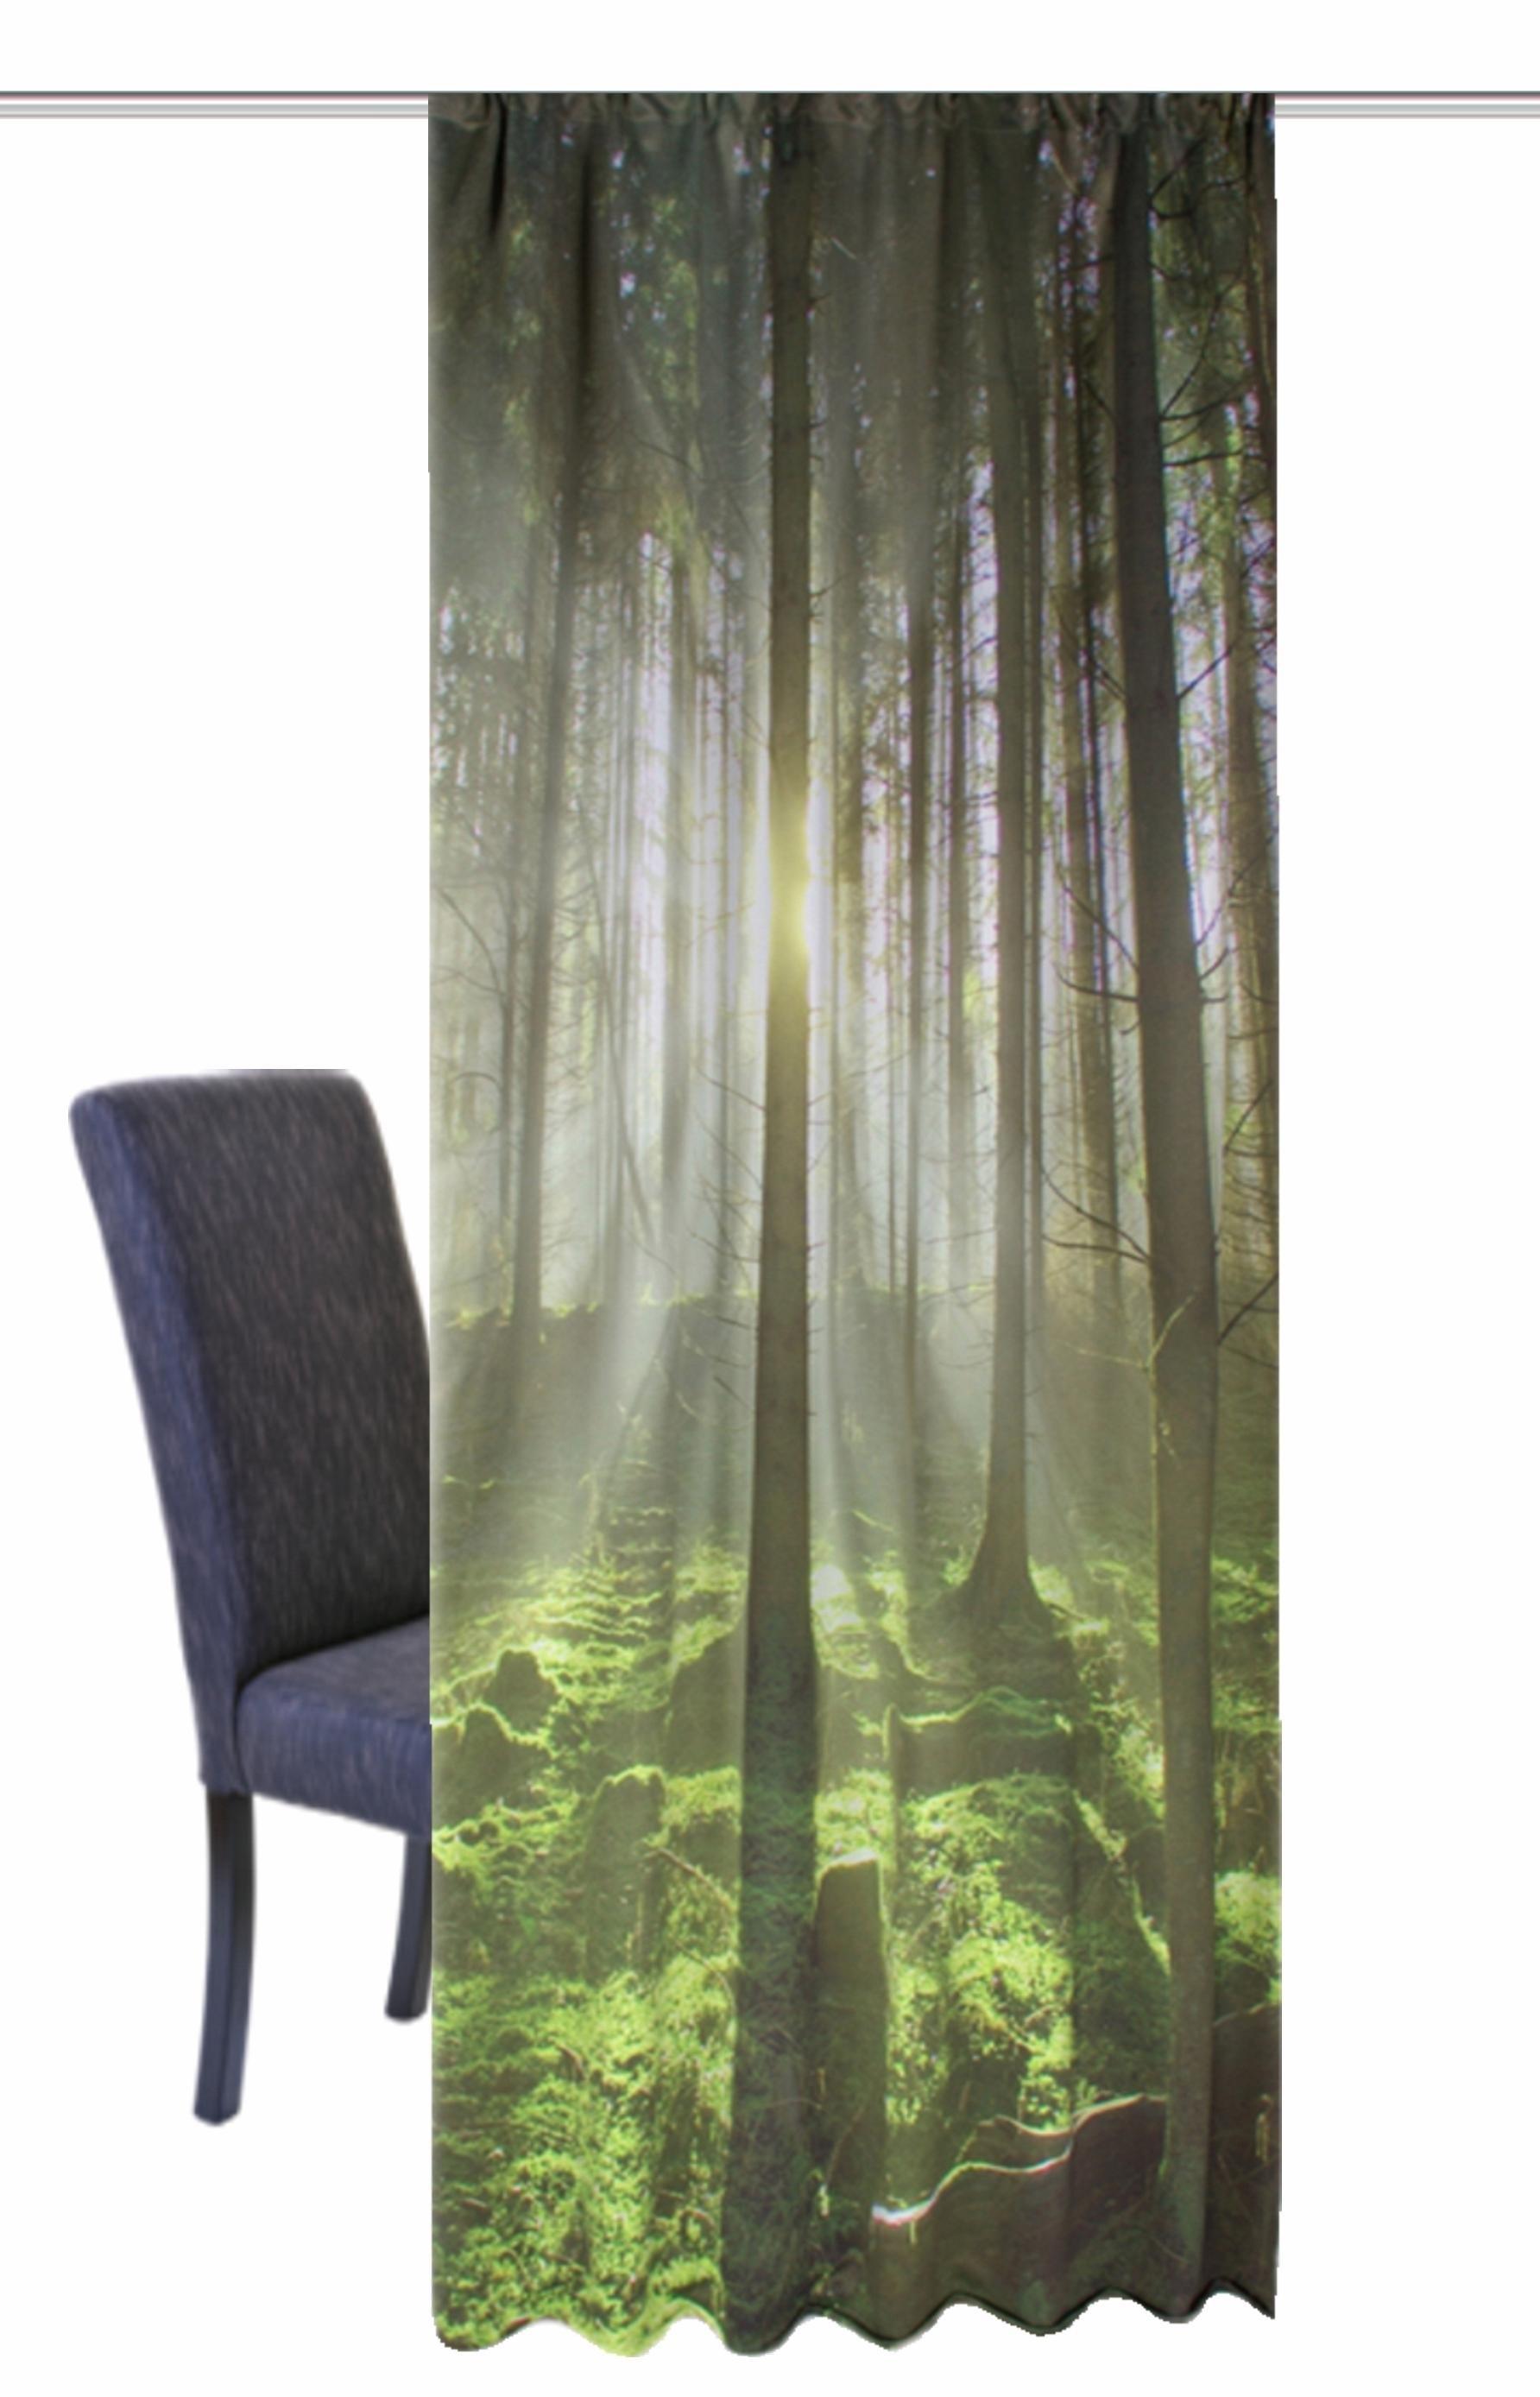 afbeeldingsbron gordijn home wohnideen groen bos per stuk